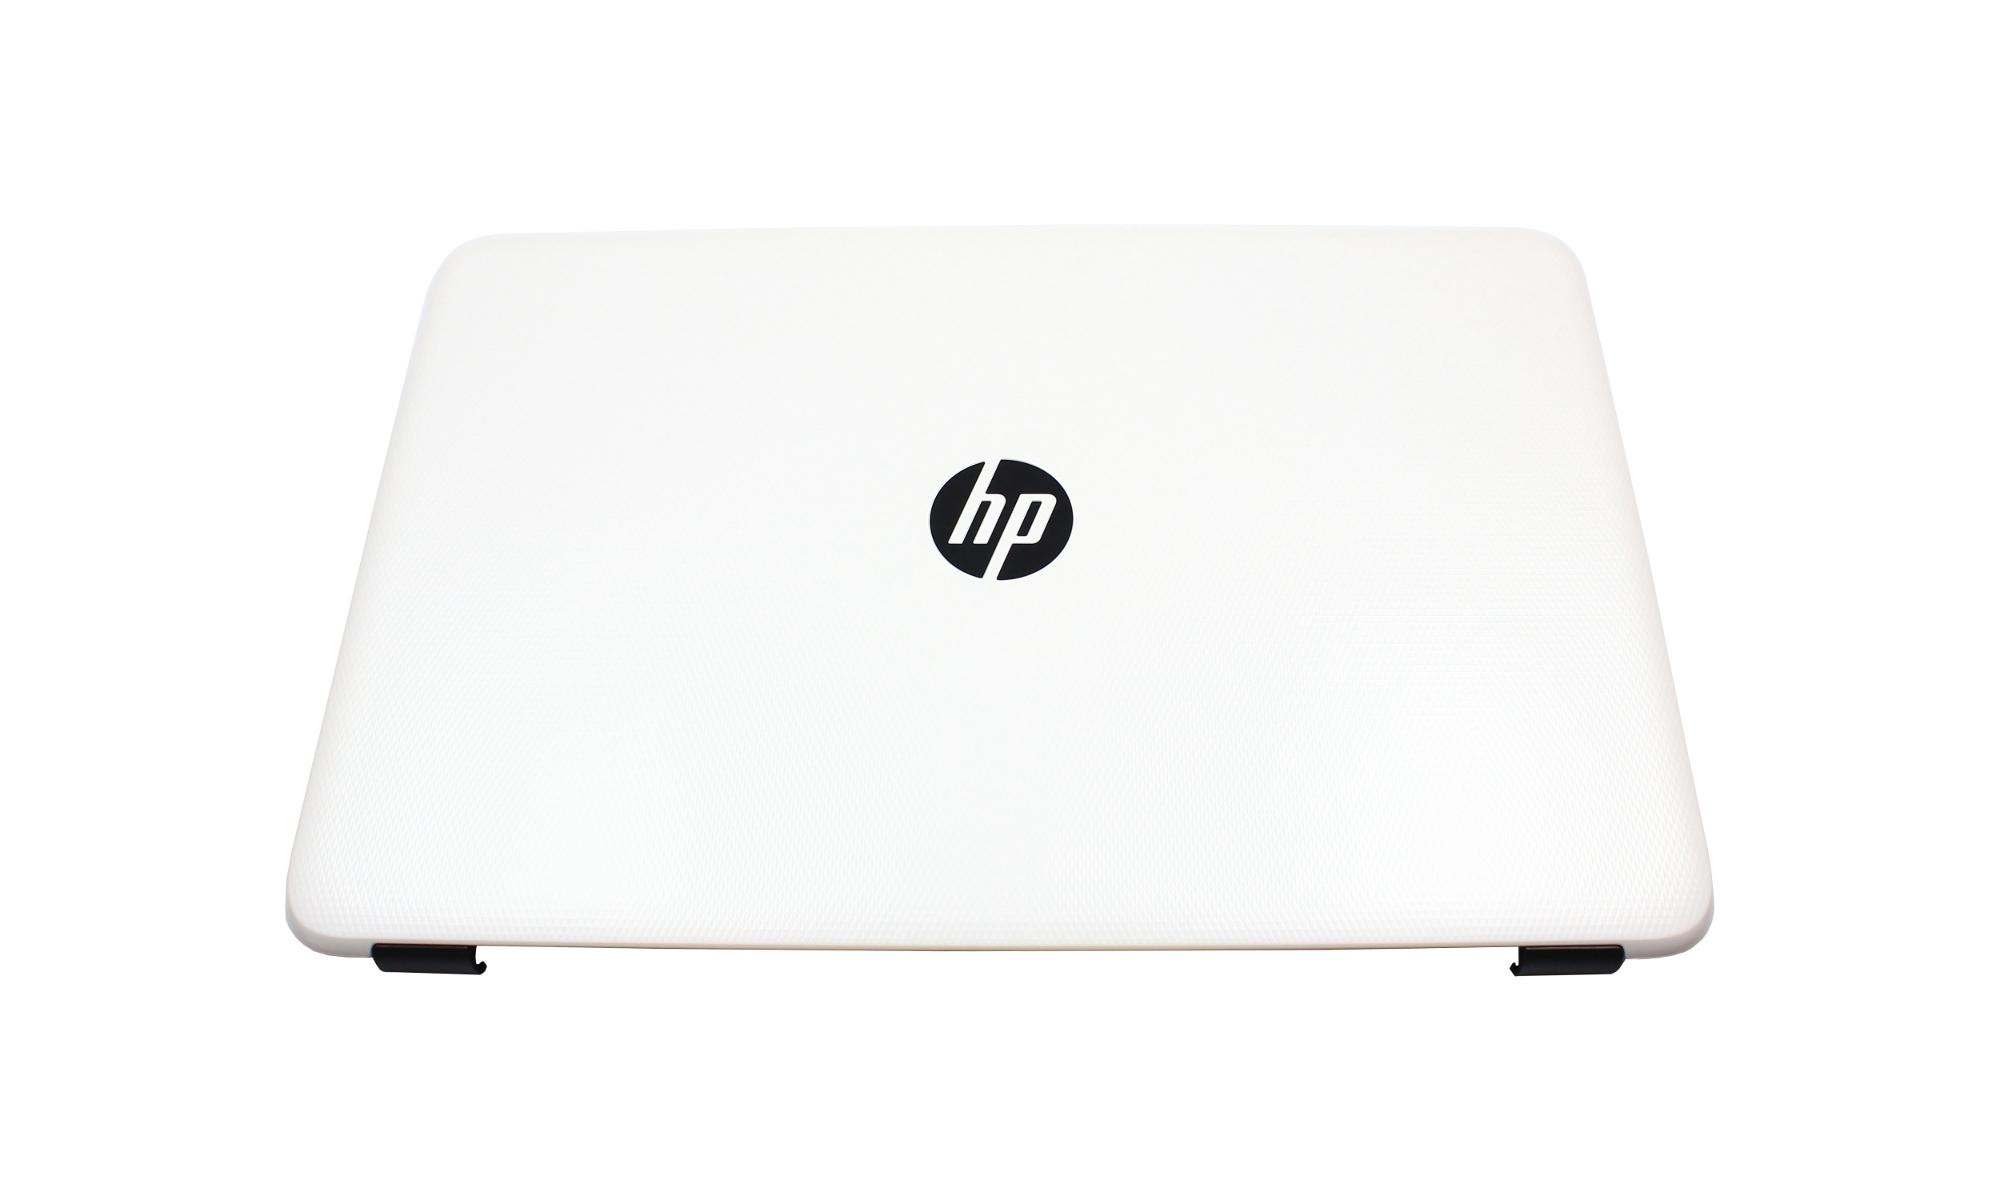 Capac display HP 255 G4, alb